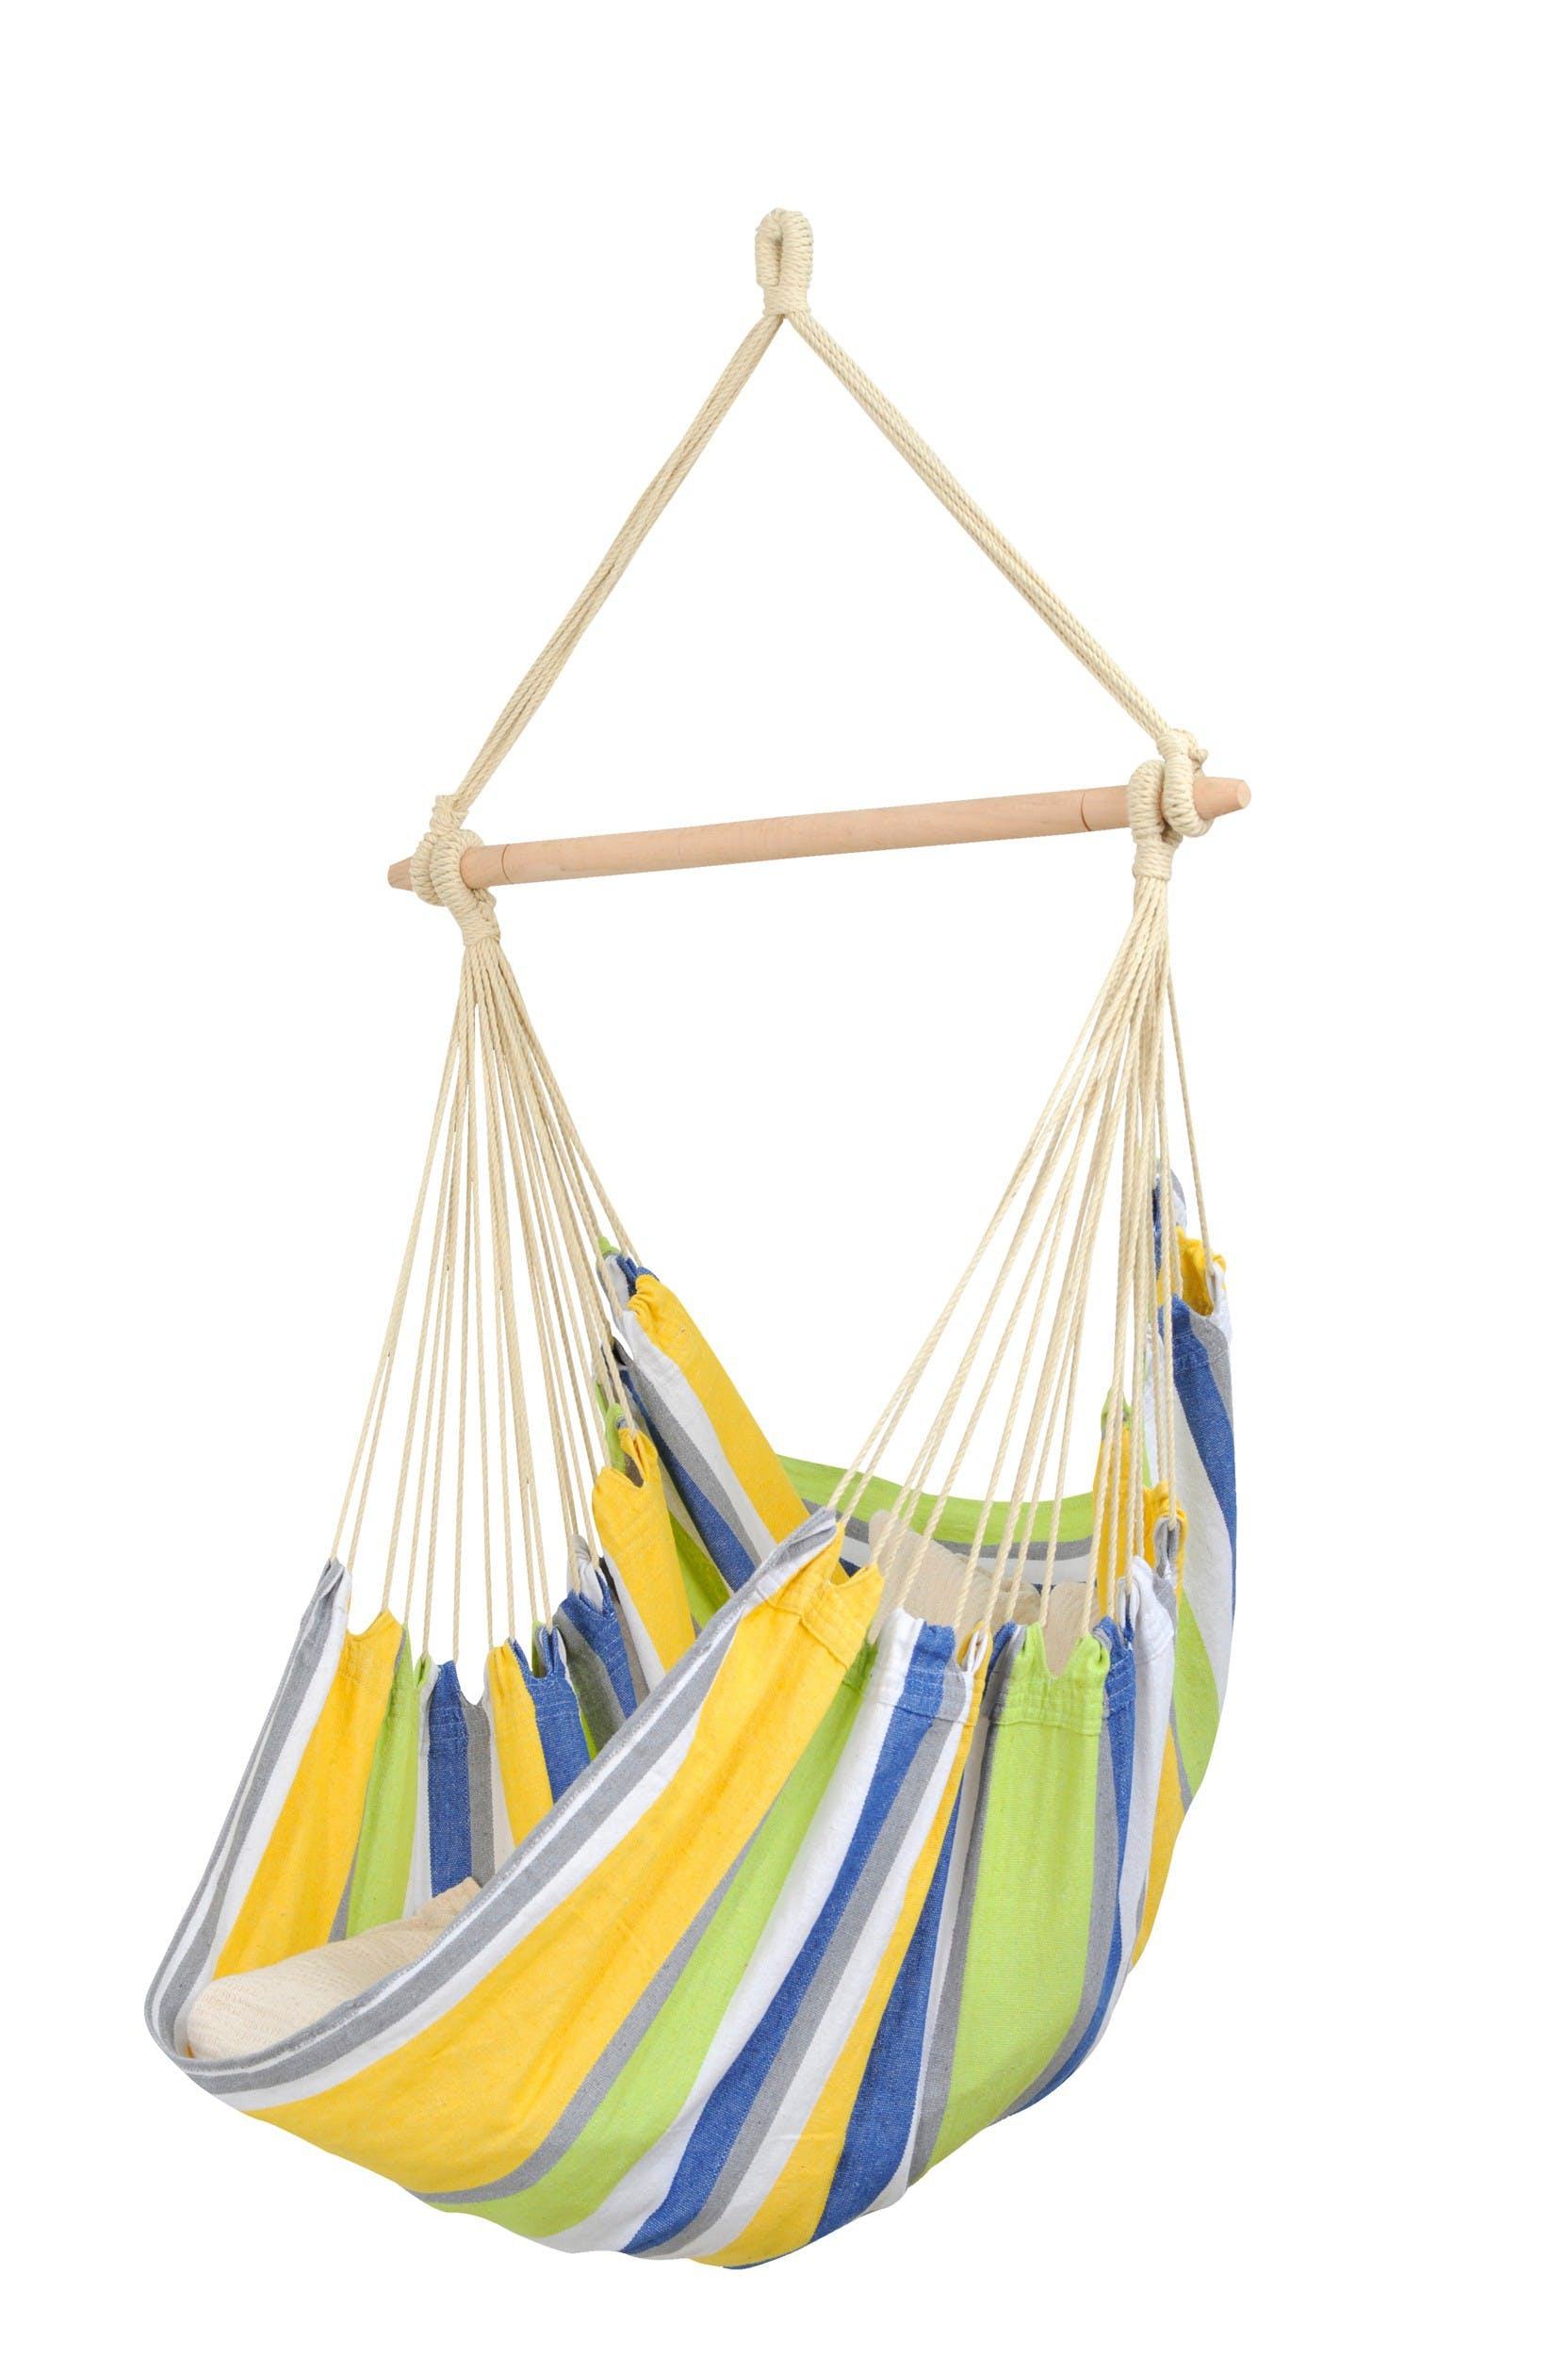 Hamac chaise suspendu RELAX Kolibri Vert bleu 130x100cm AMAZONAS